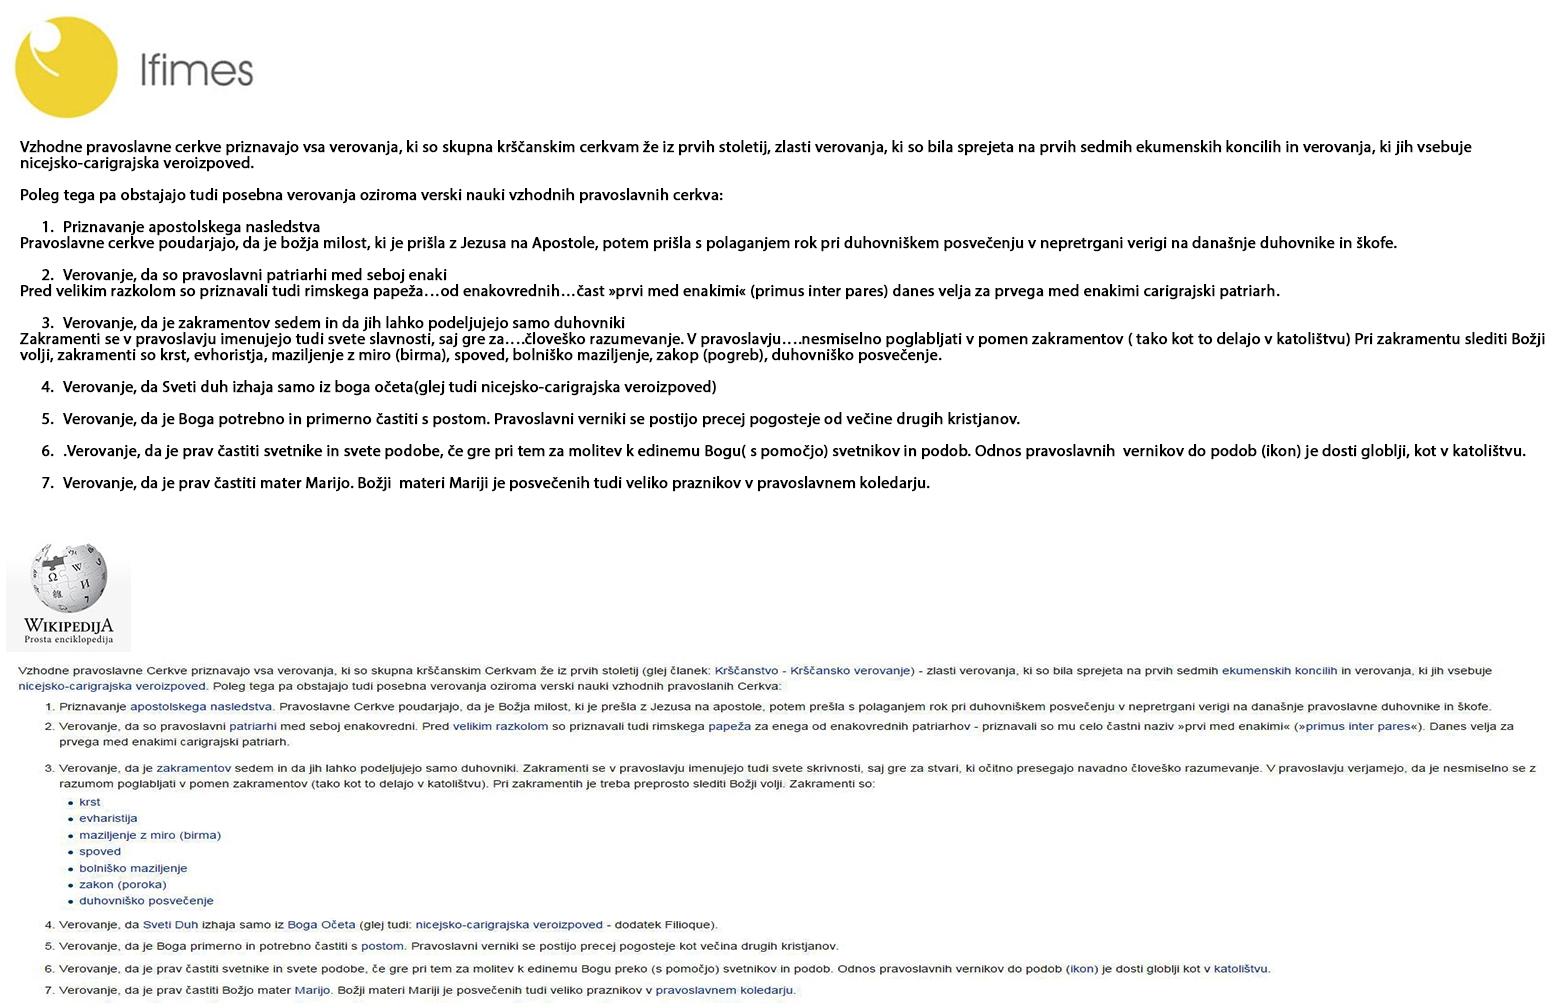 Primerjava dela študije IFIMES-a in Wikipedije. Vir: Eugenija Carl/RTV Slovenija